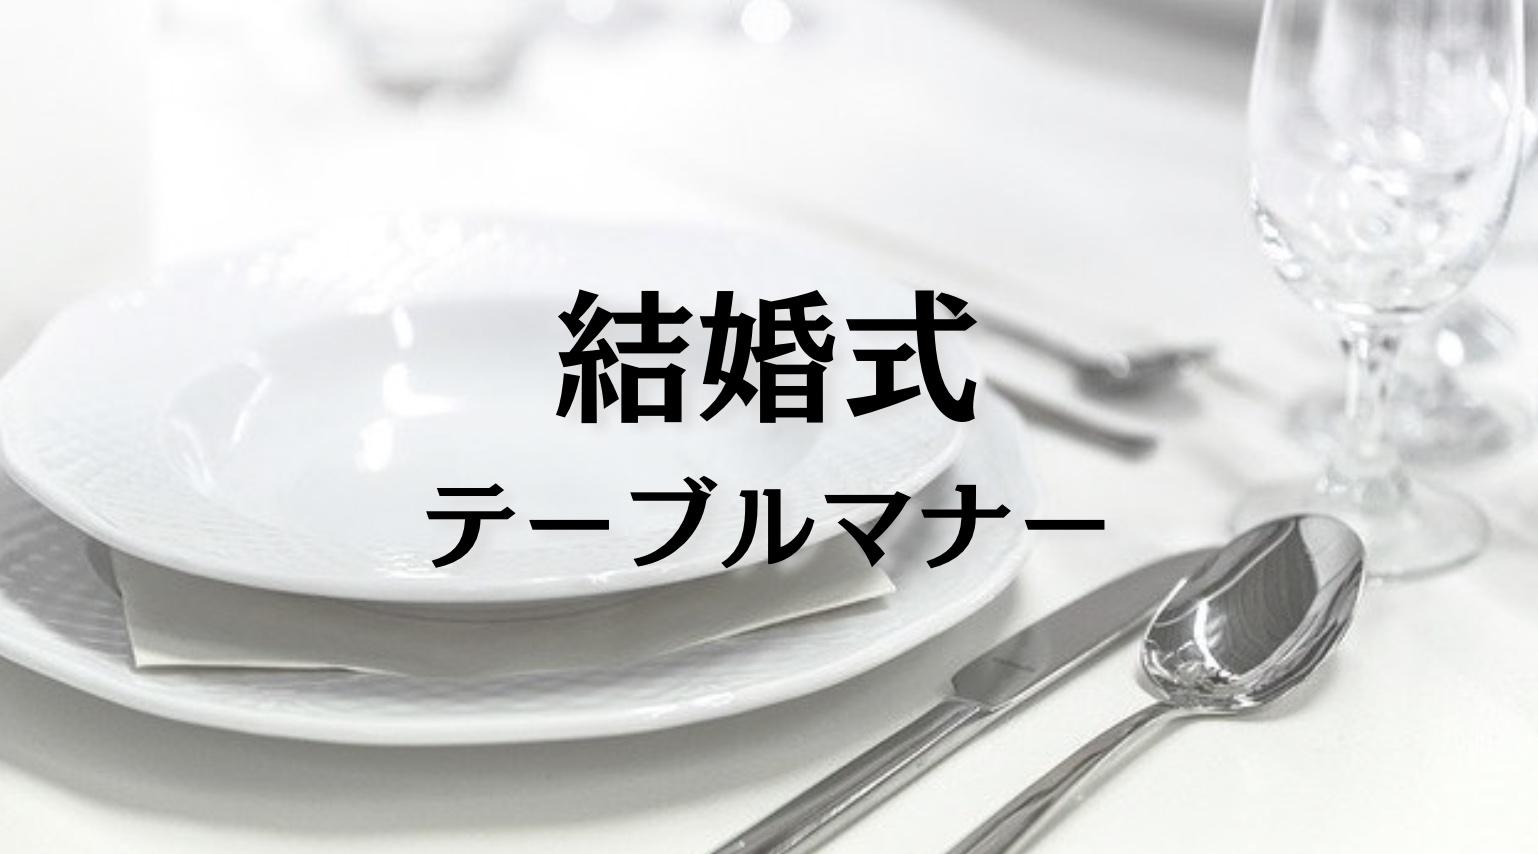 【結婚式でのテーブルマナー】を覚えておこうのアイキャッチ画像